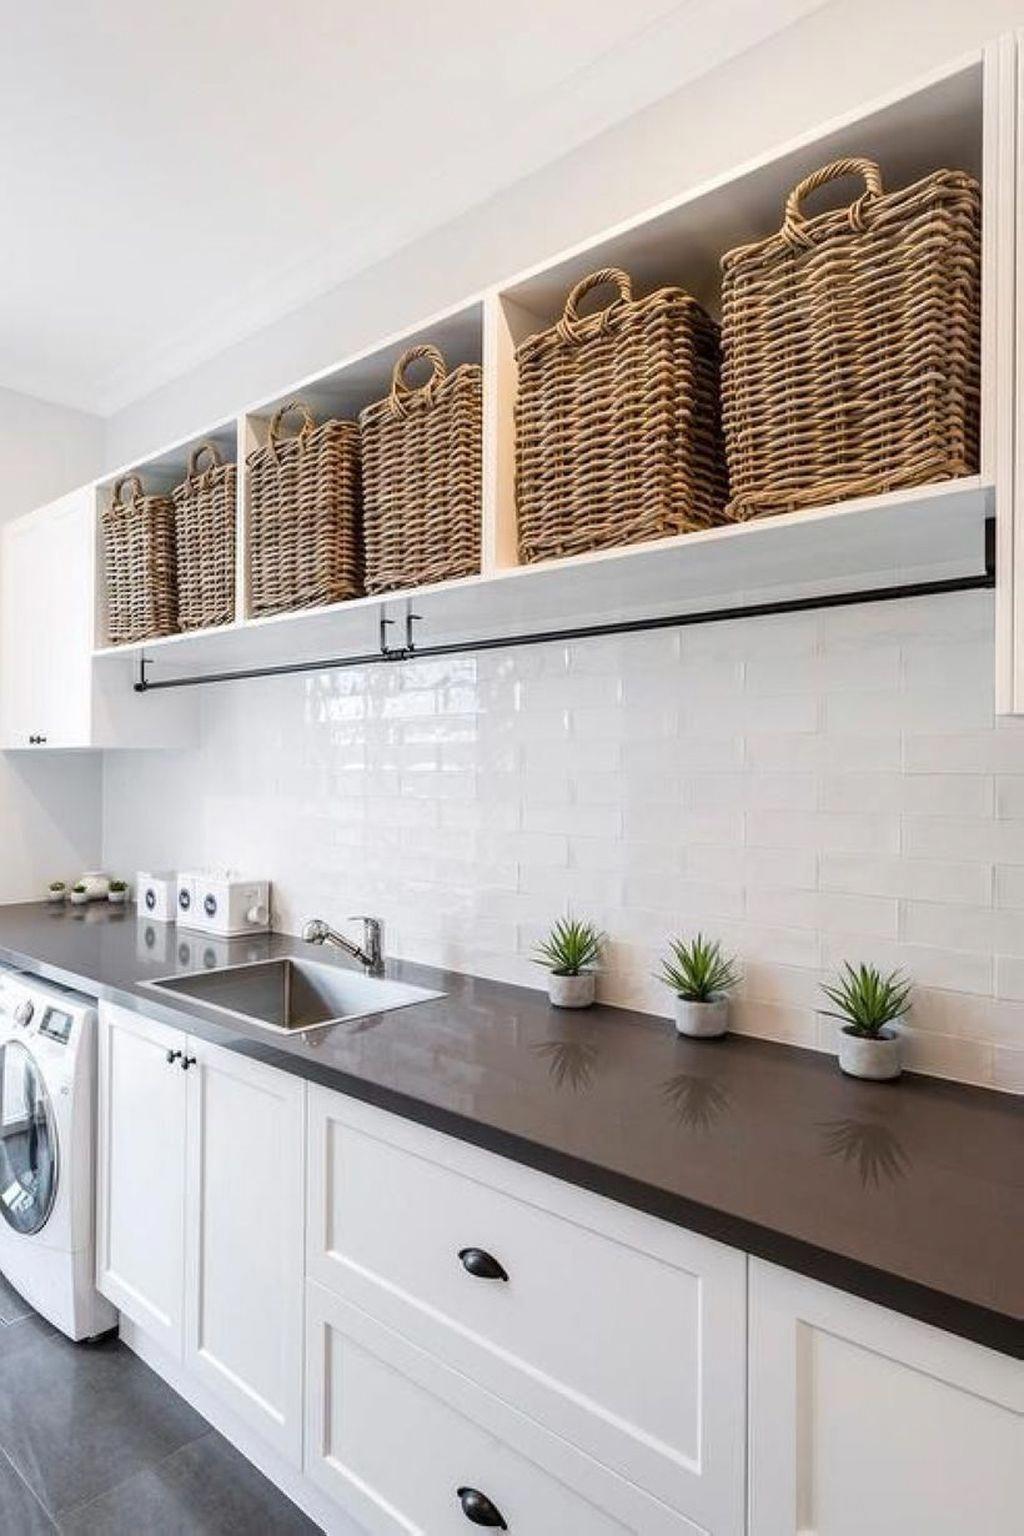 Photo of 39 Perfekte Ideen für die Gestaltung von Waschküchen auf kleinem Raum – OMGHOMEDECOR